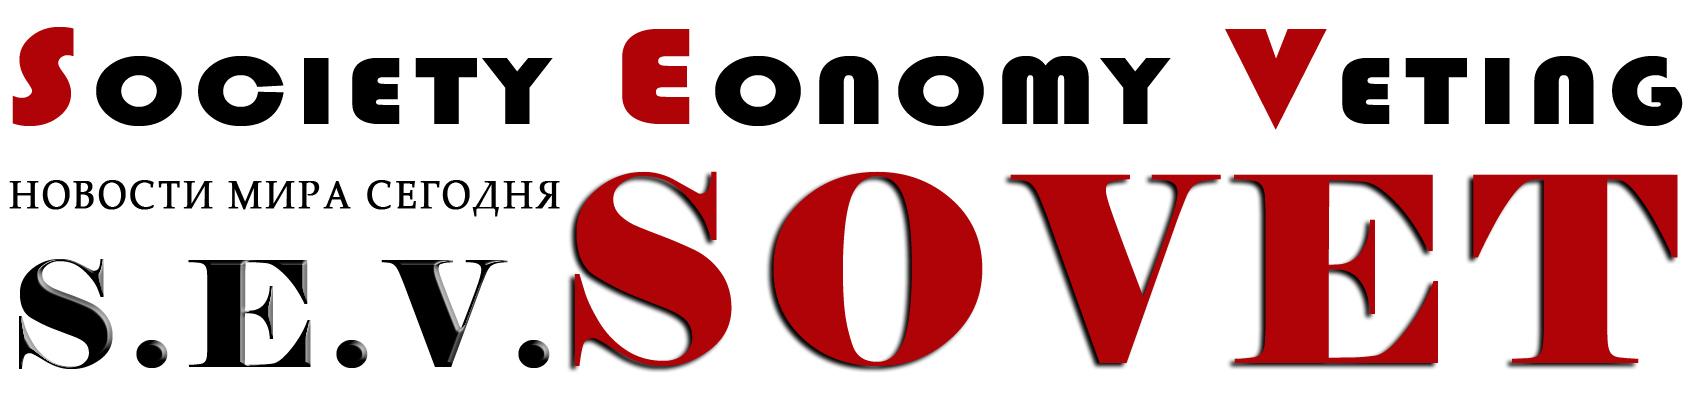 Sev.Sovet — Информационный портал. Всем обо всём